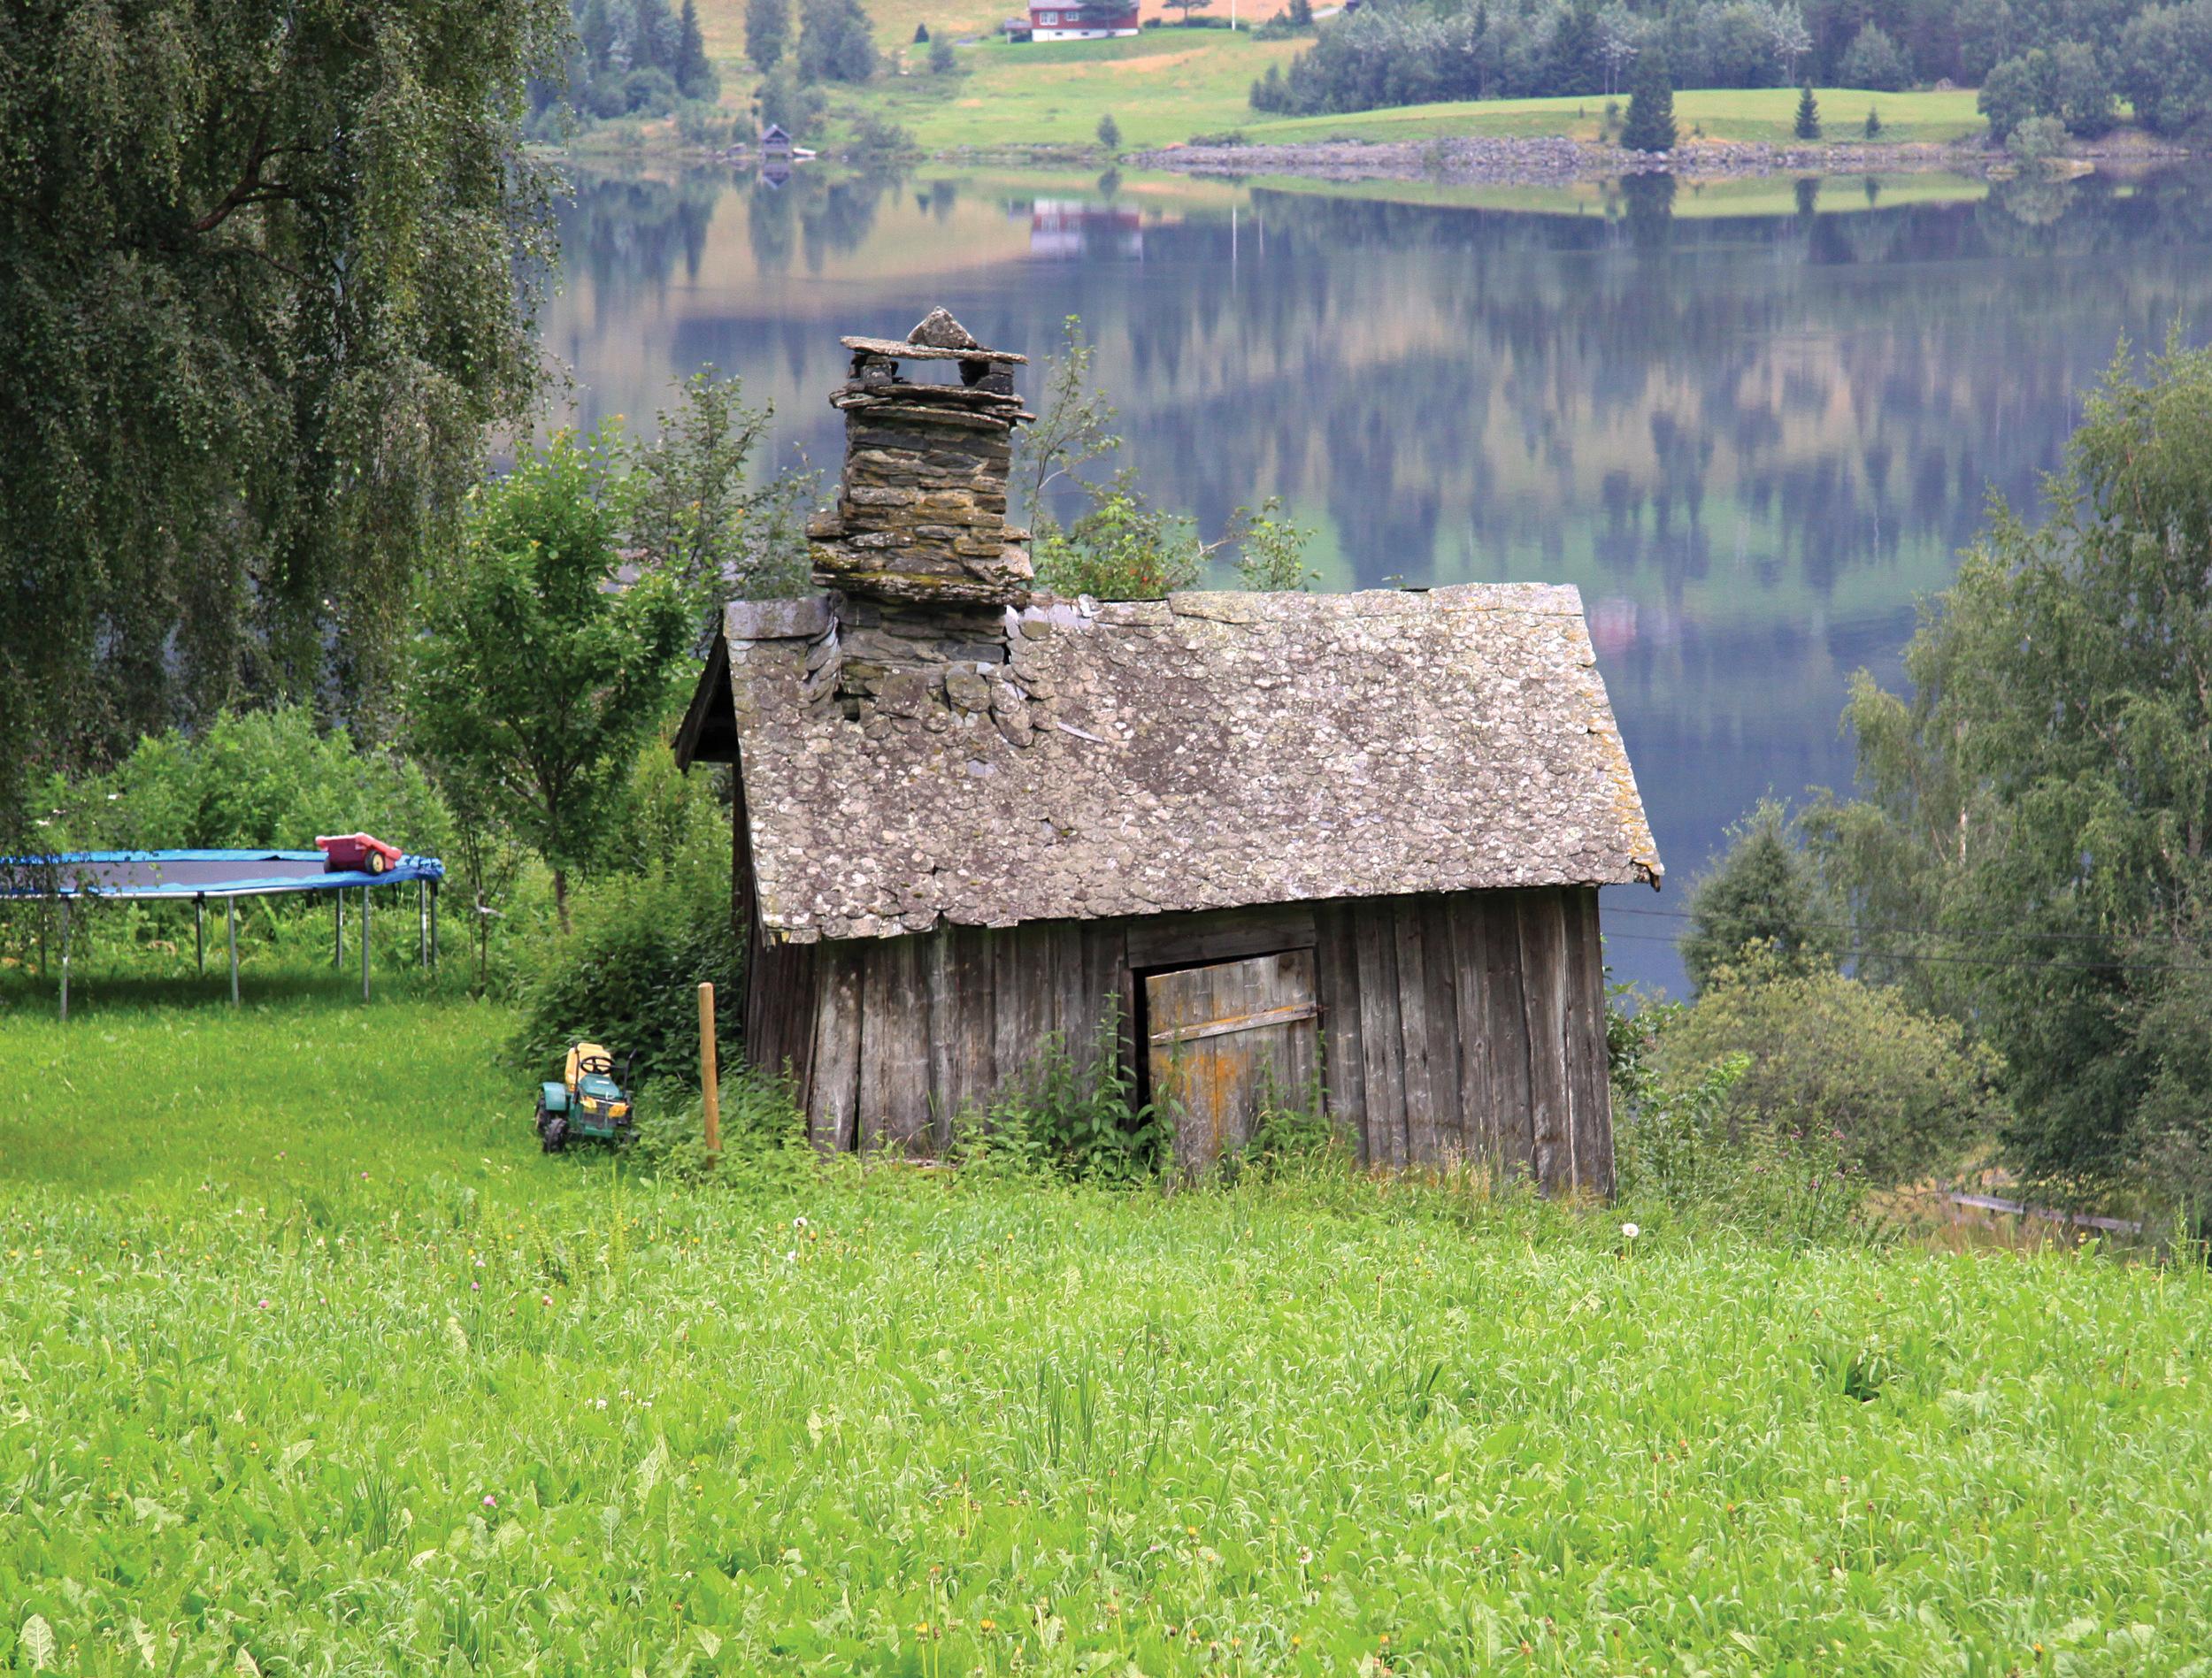 Mange gårder hadde egen smie. Det var stadig behov for å reparere og lage deler til redskaper. Vestre Slidre, Oppland. Foto: Kari Stensgaard, NIBIO